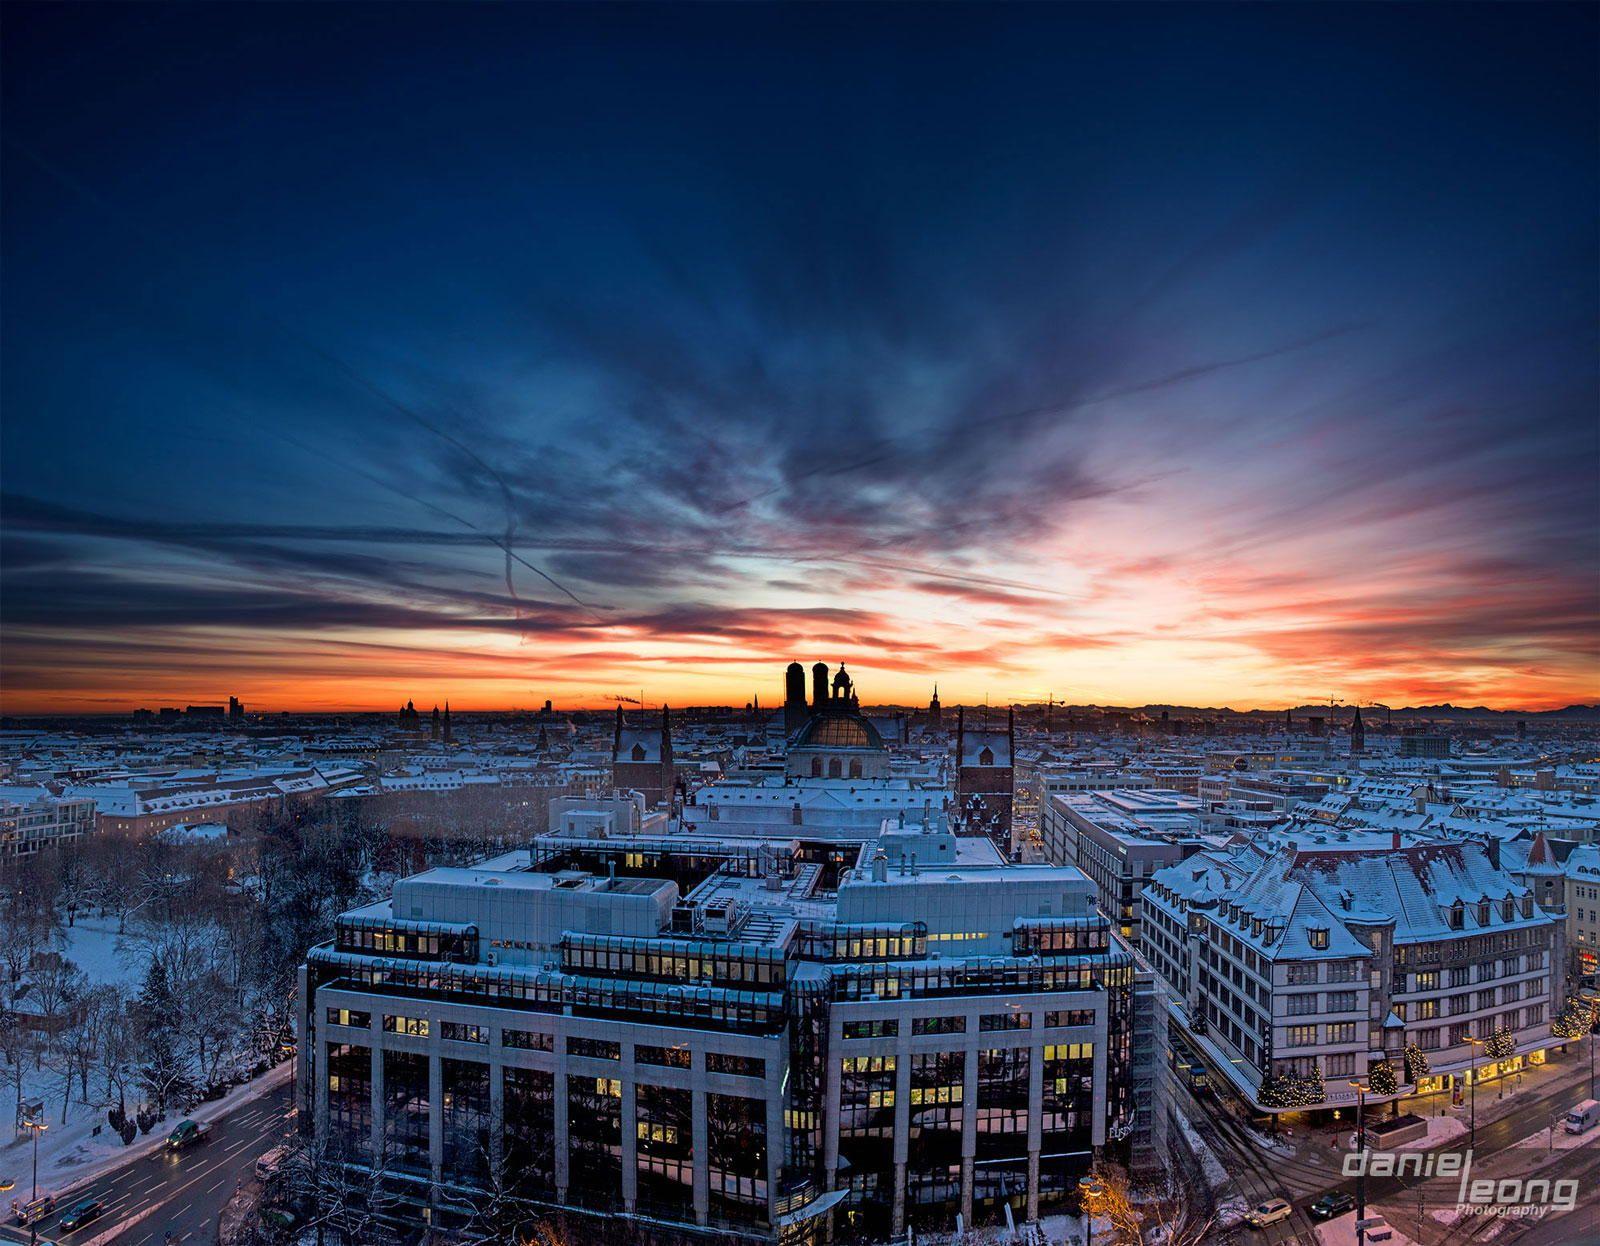 Sunrise in Munich by Daniel Leong on 500px